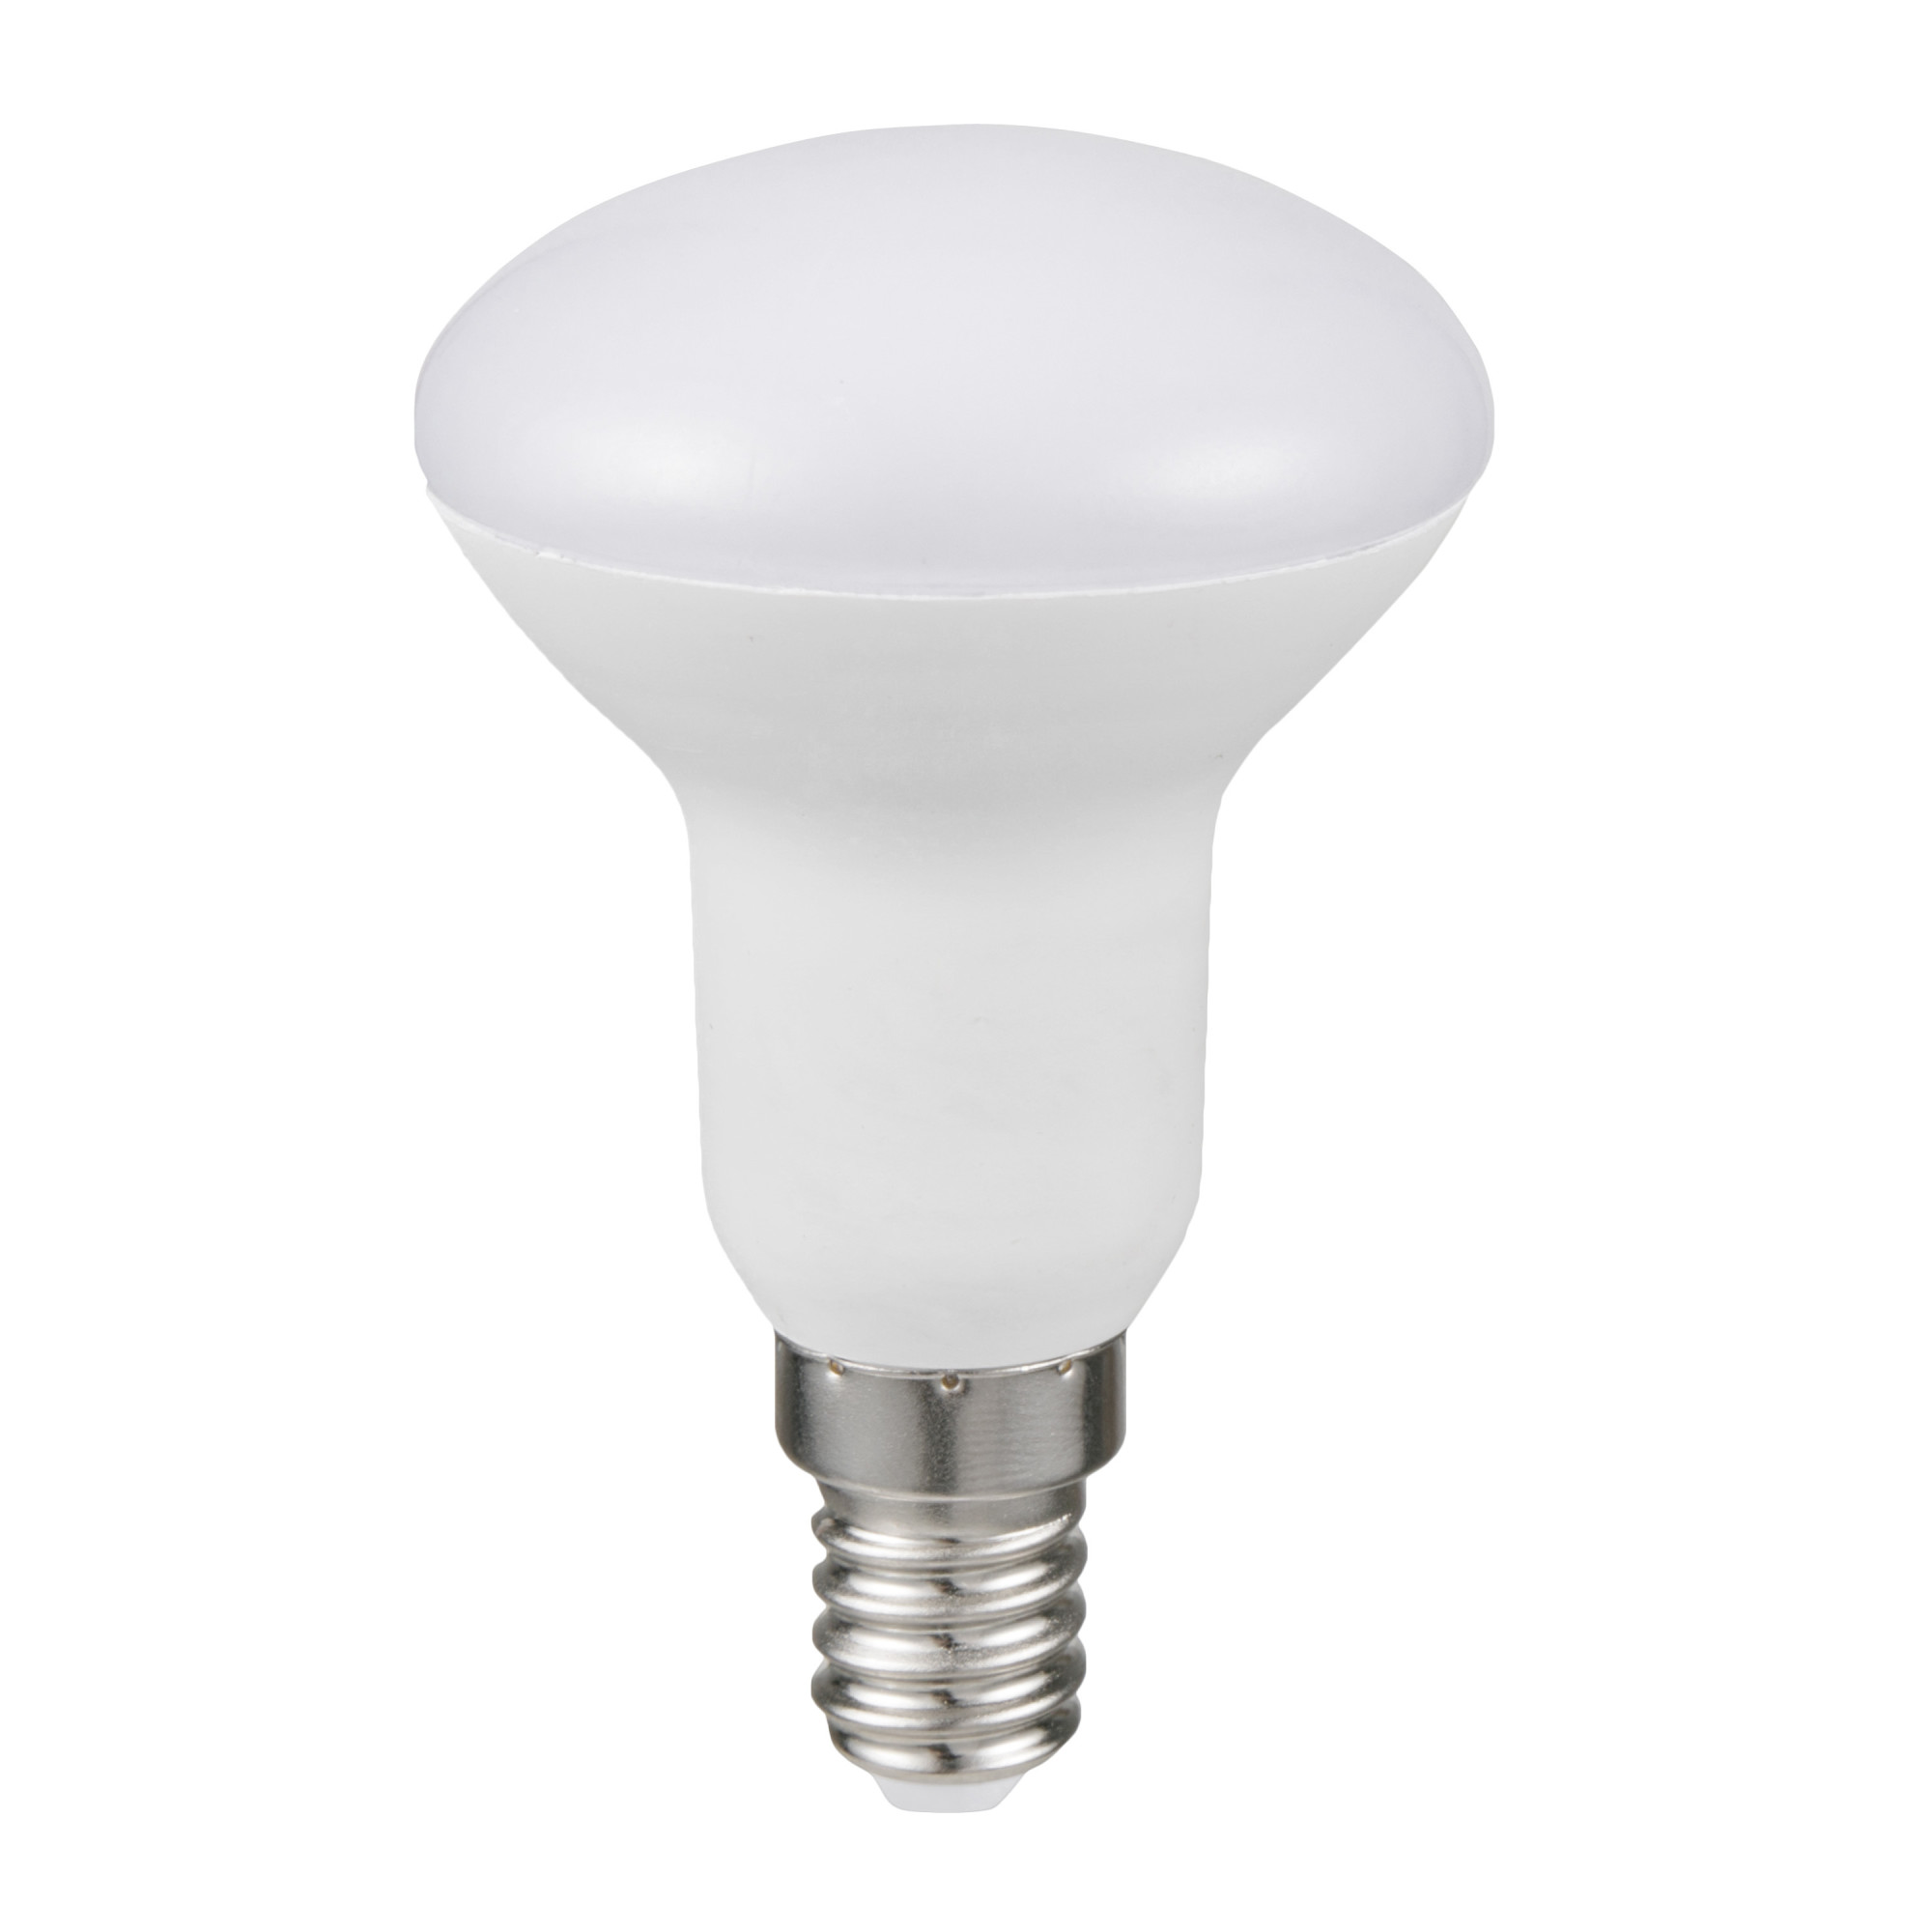 Лампа светодиодная Lexman спот R50 E14 5 Вт 470 Лм свет тёплый белый